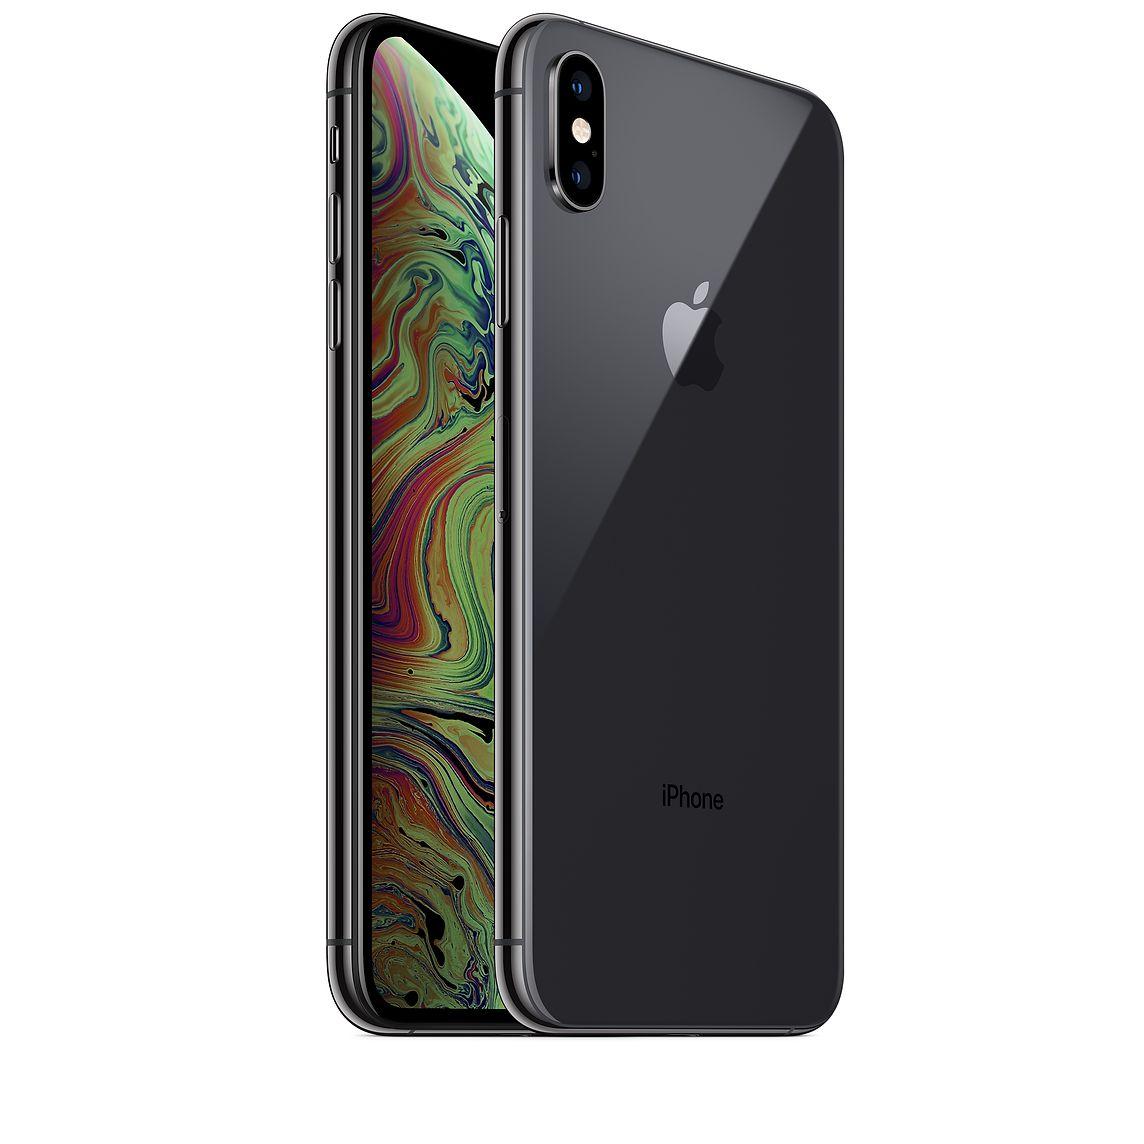 ΚΙΝΗΤΟ IPHONE XS MAX 512GB BLACK (REFURBISHED)